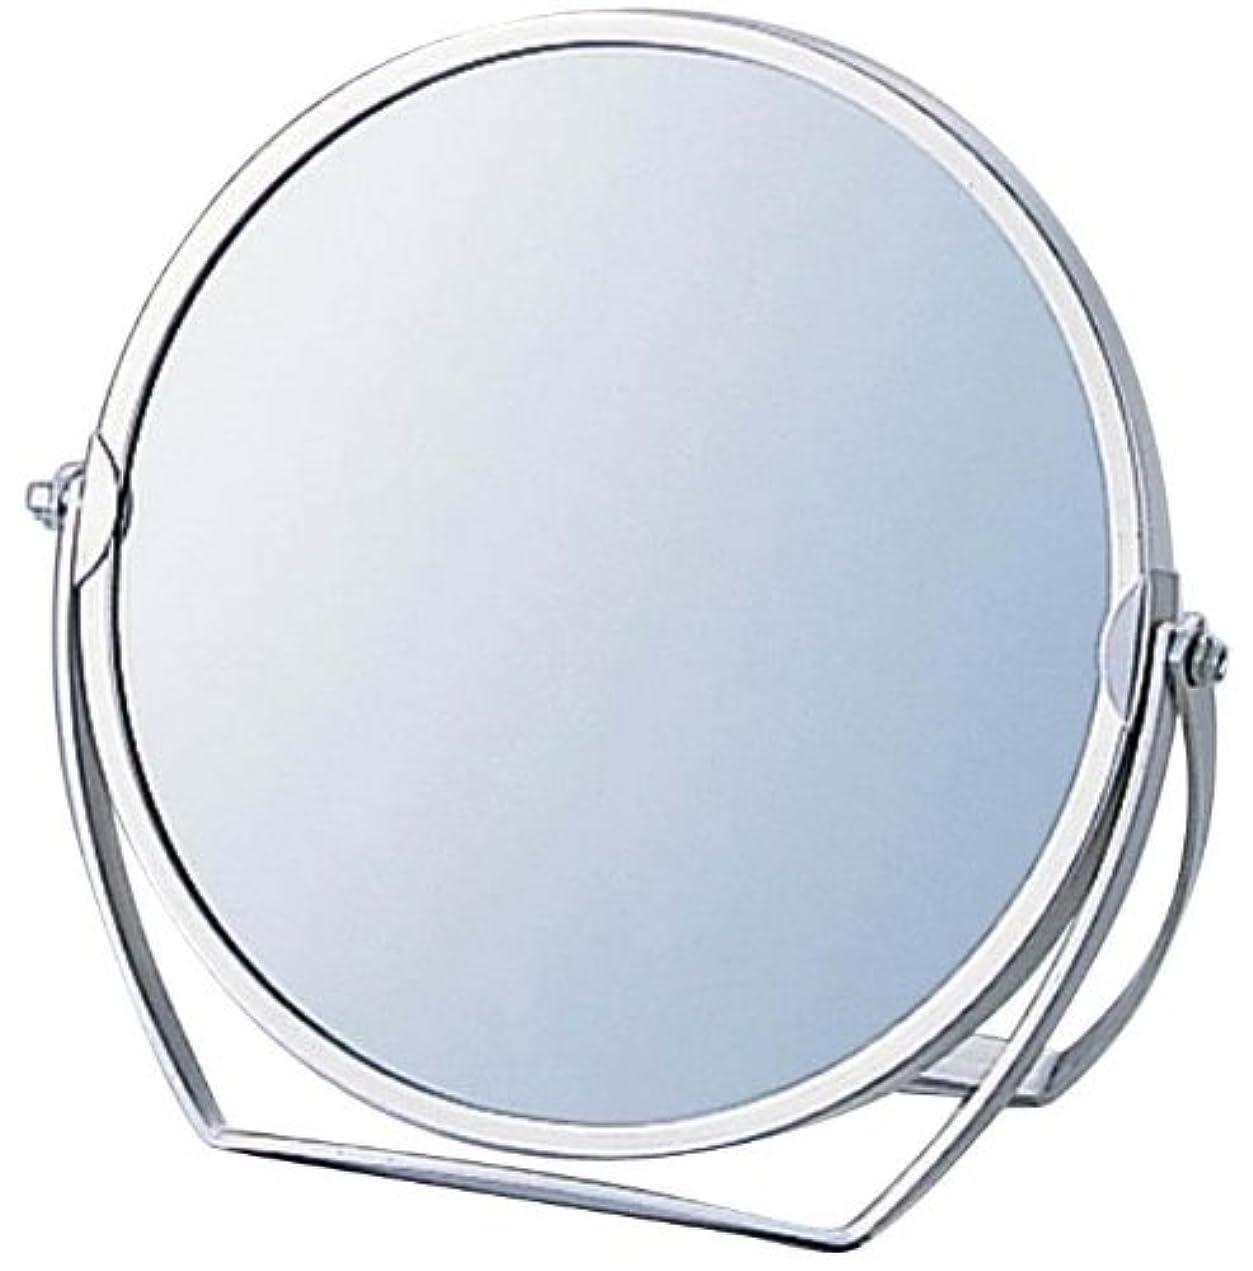 パンツ静脈ホラー3倍拡大鏡付き スタンドミラー 丸 ST-032